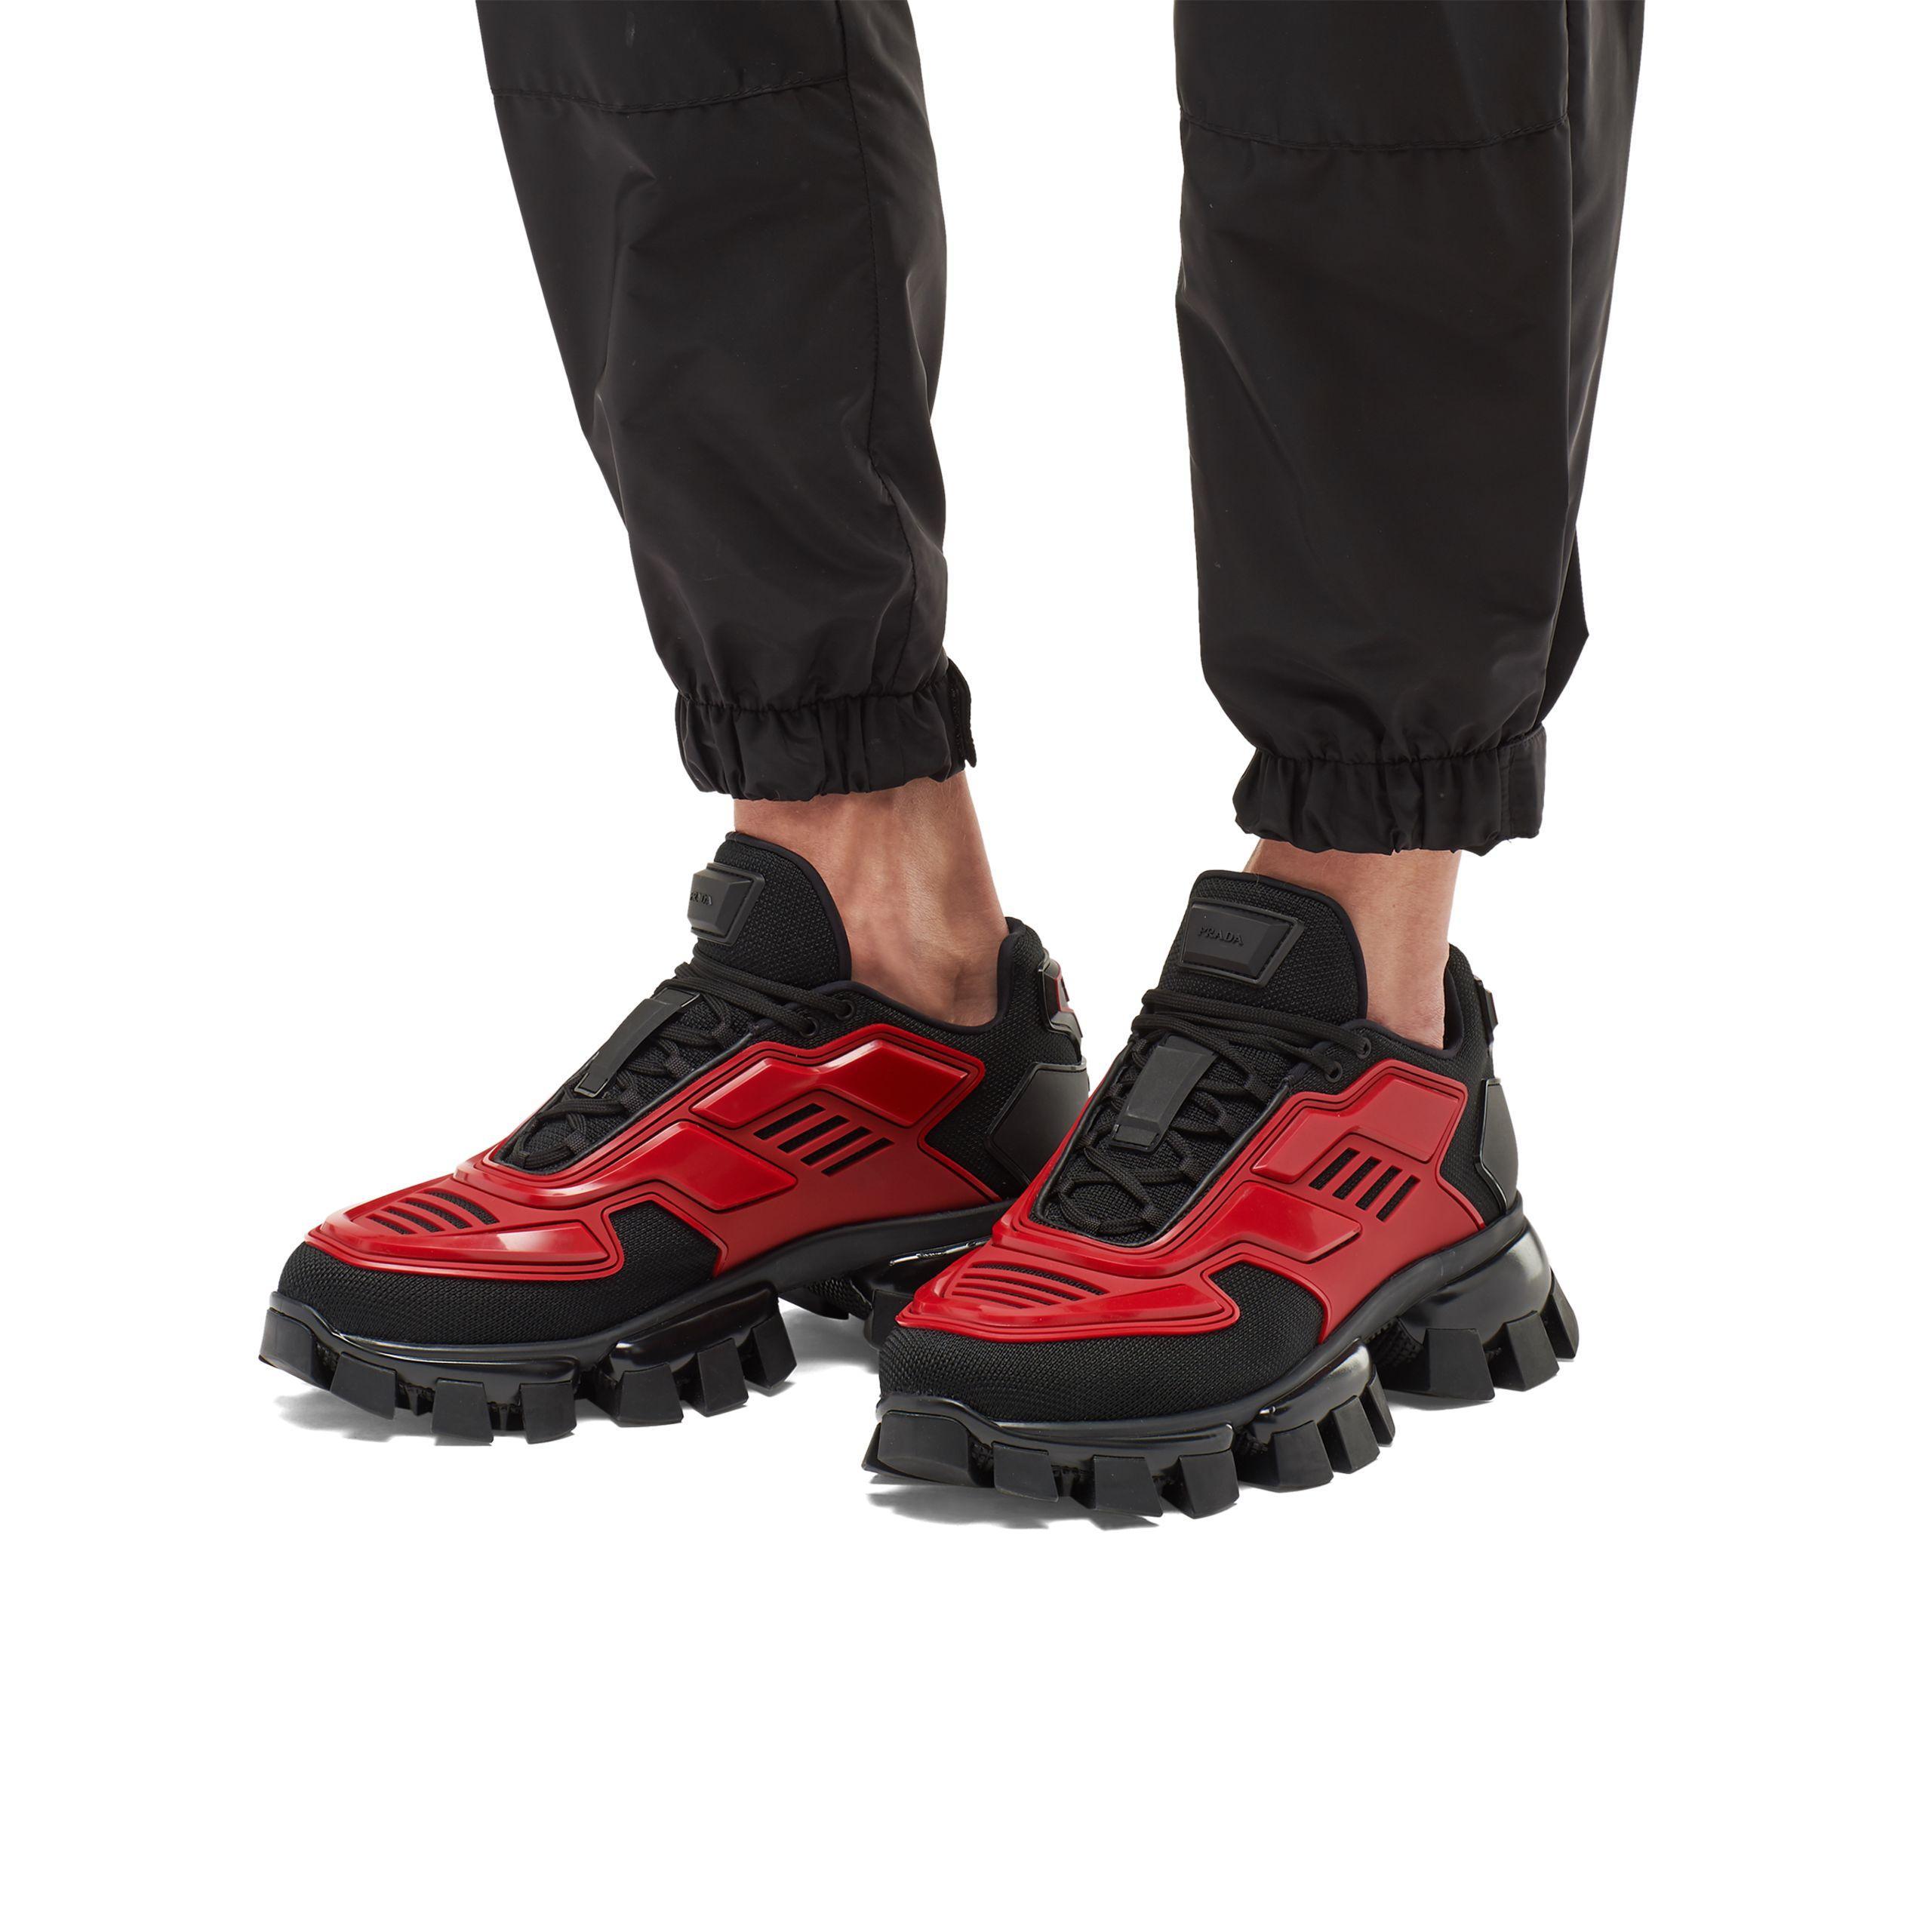 Vente nouveau produit personnalisé Men's Red Cloudbust Thunder Knit Sneakers